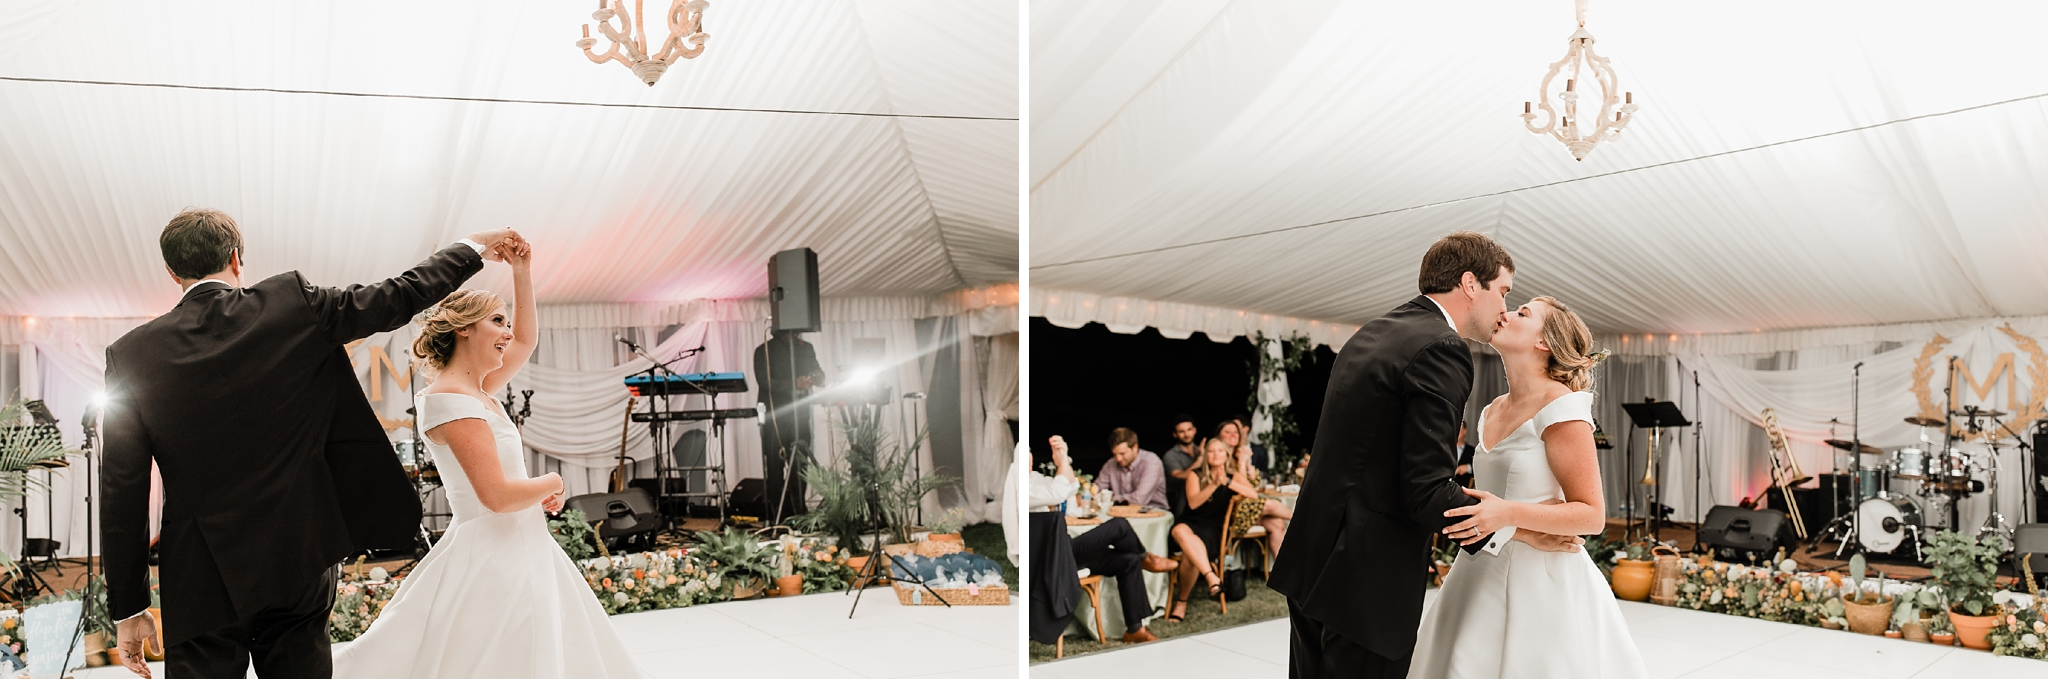 Alicia+lucia+photography+-+albuquerque+wedding+photographer+-+santa+fe+wedding+photography+-+new+mexico+wedding+photographer+-+new+mexico+wedding+-+las+campanas+wedding+-+santa+fe+wedding+-+maximalist+wedding+-+destination+wedding_0150.jpg